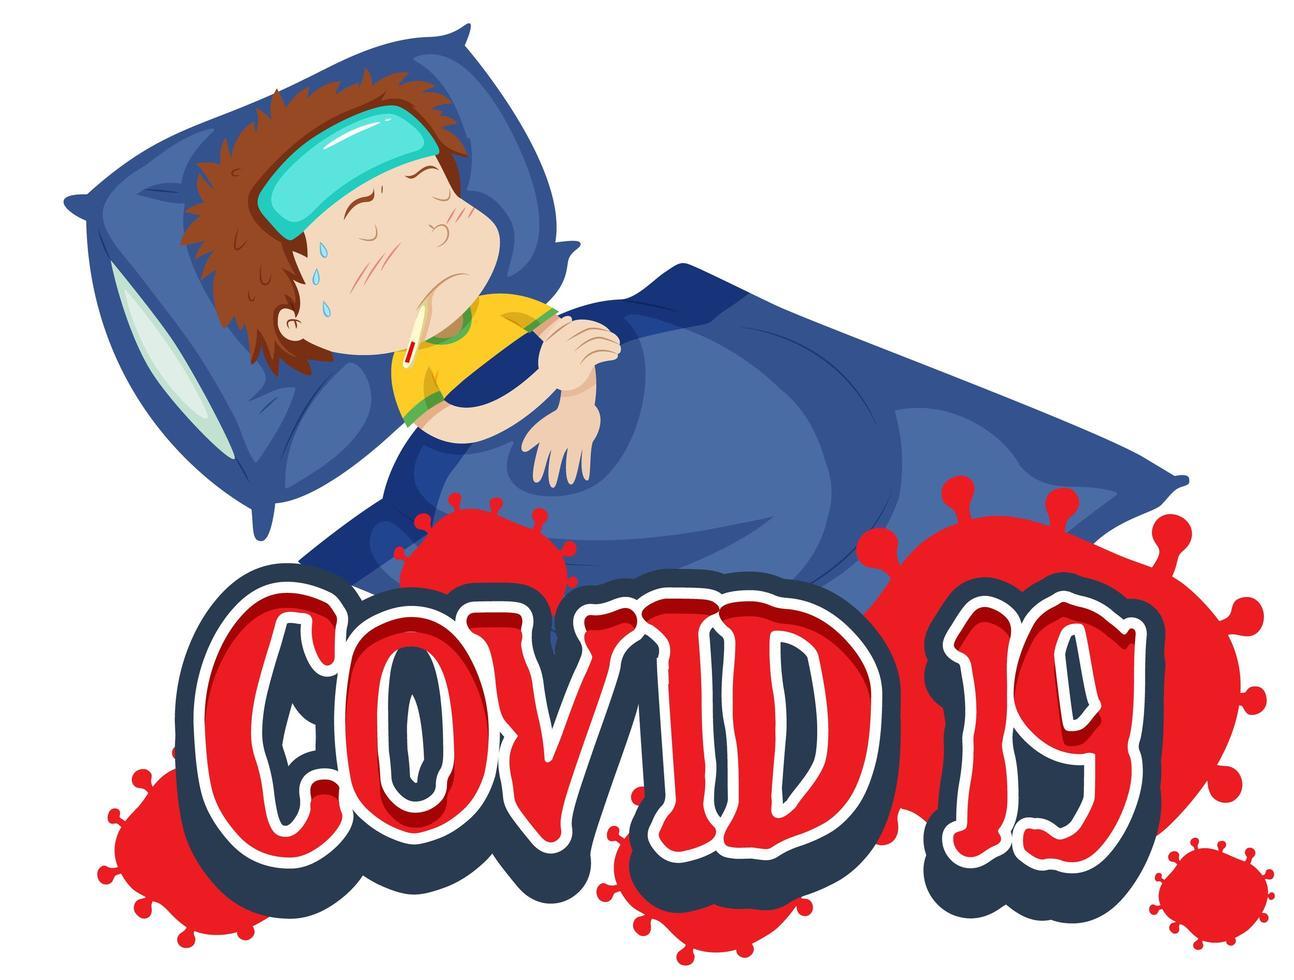 Junge mit Fieber im Bett und Covid 19 Text vektor